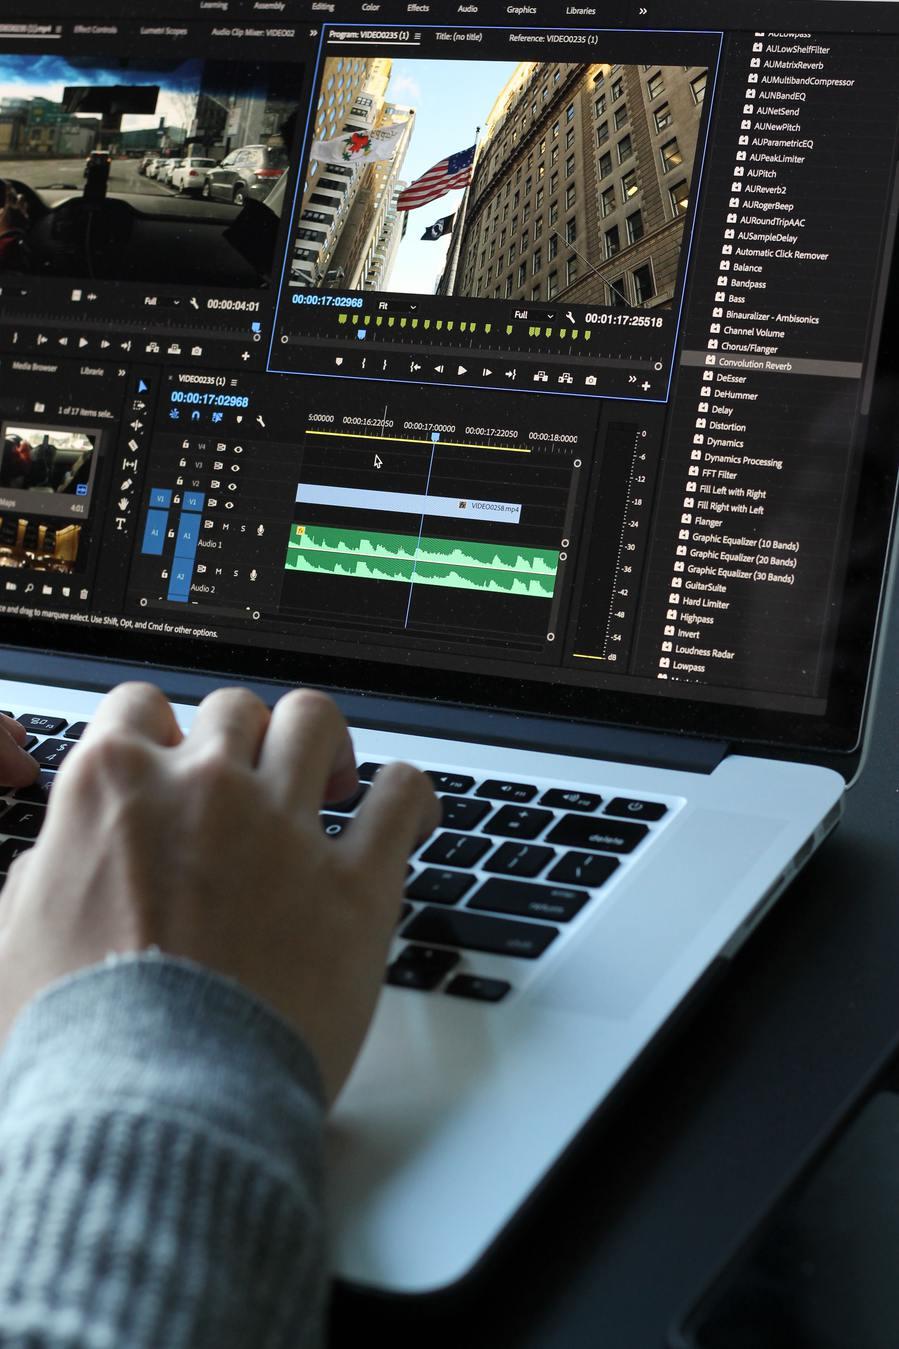 Widok programu do obrabiania wideo na laptopie.